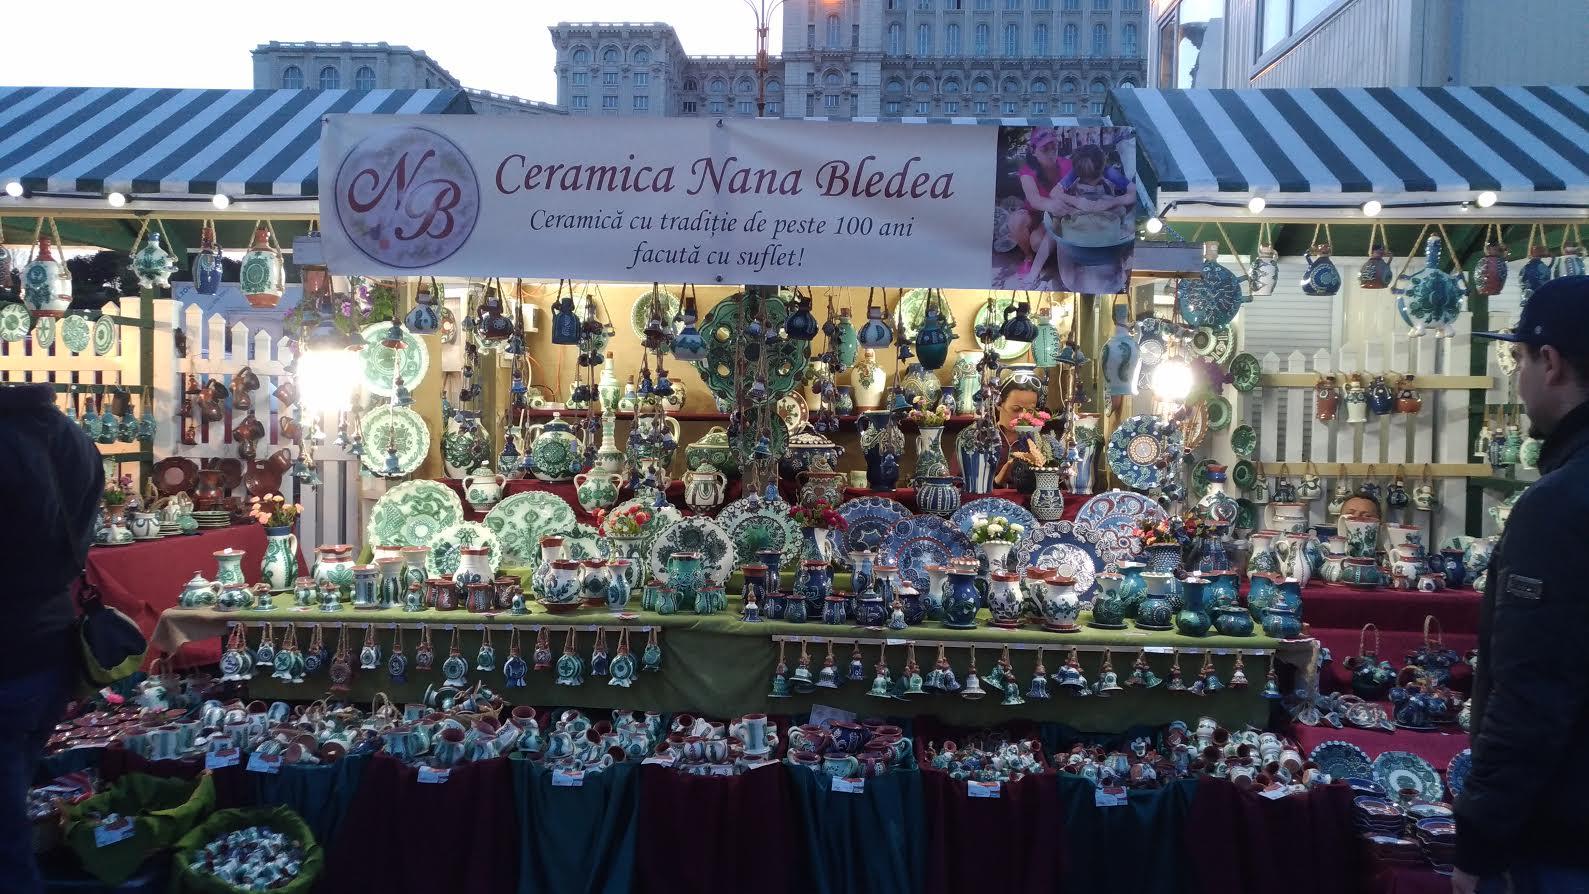 Easter Market in Bucharest, Romania - ceramics